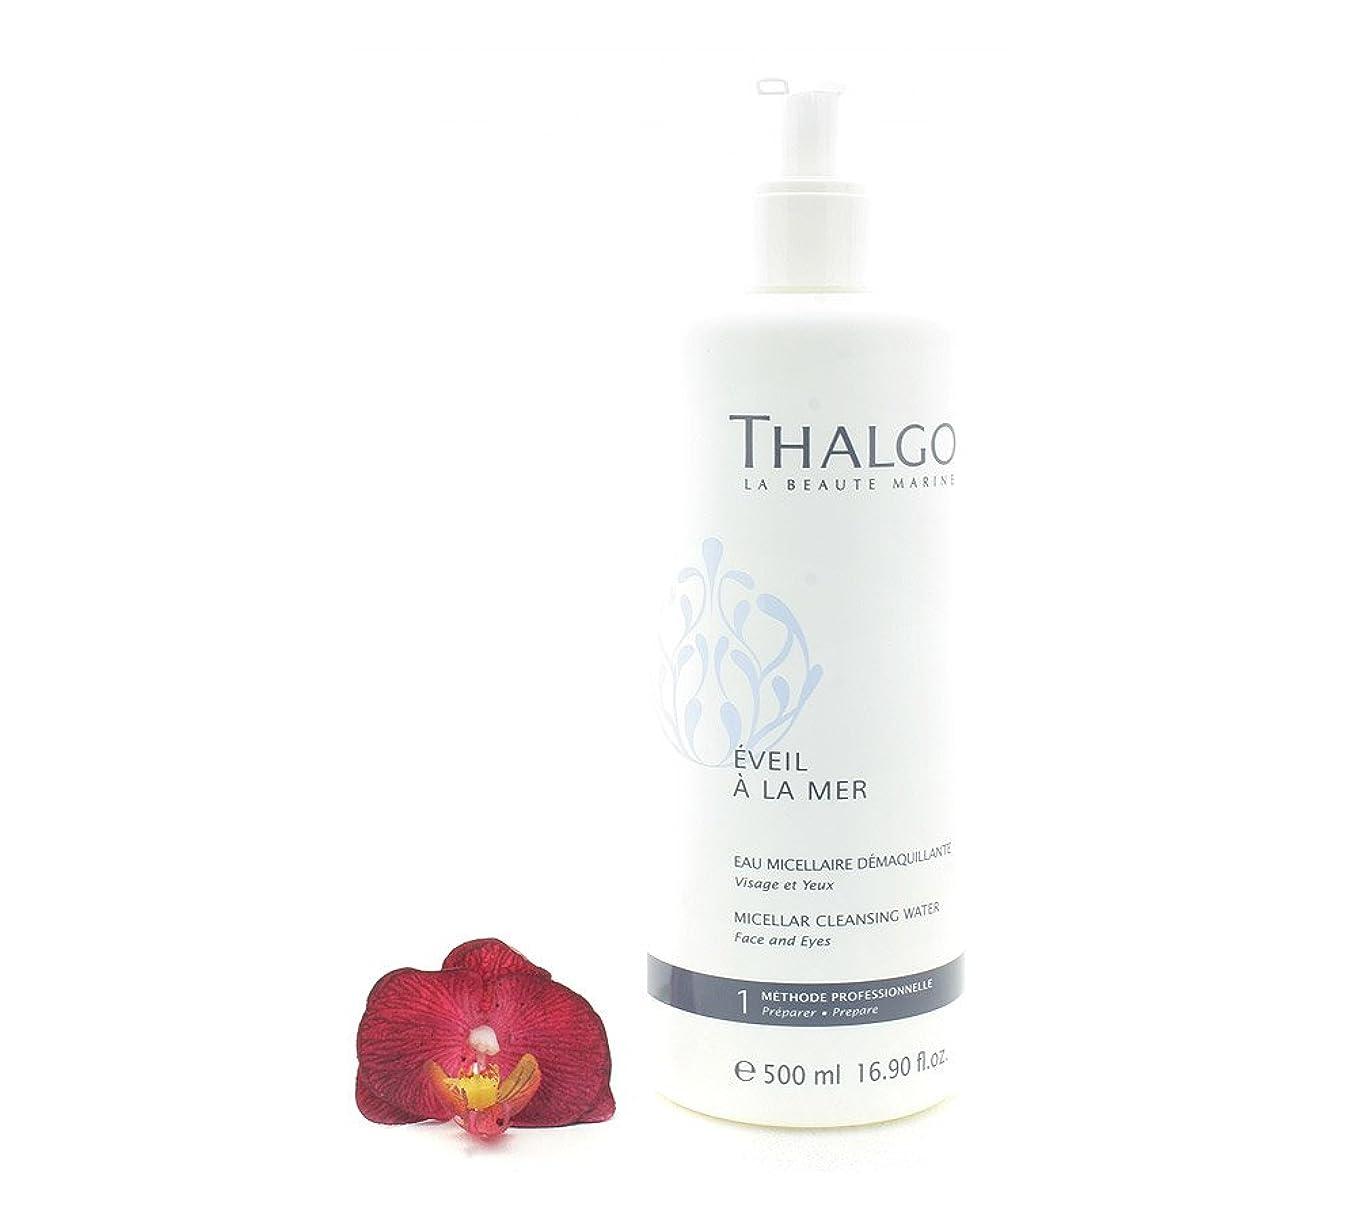 研磨密接にかんがいタルゴ Eveil A La Mer Micellar Cleansing Water (Face & Eyes) - For All Skin Types, Even Sensitive Skin (Salon Size) 500ml/16.9oz並行輸入品